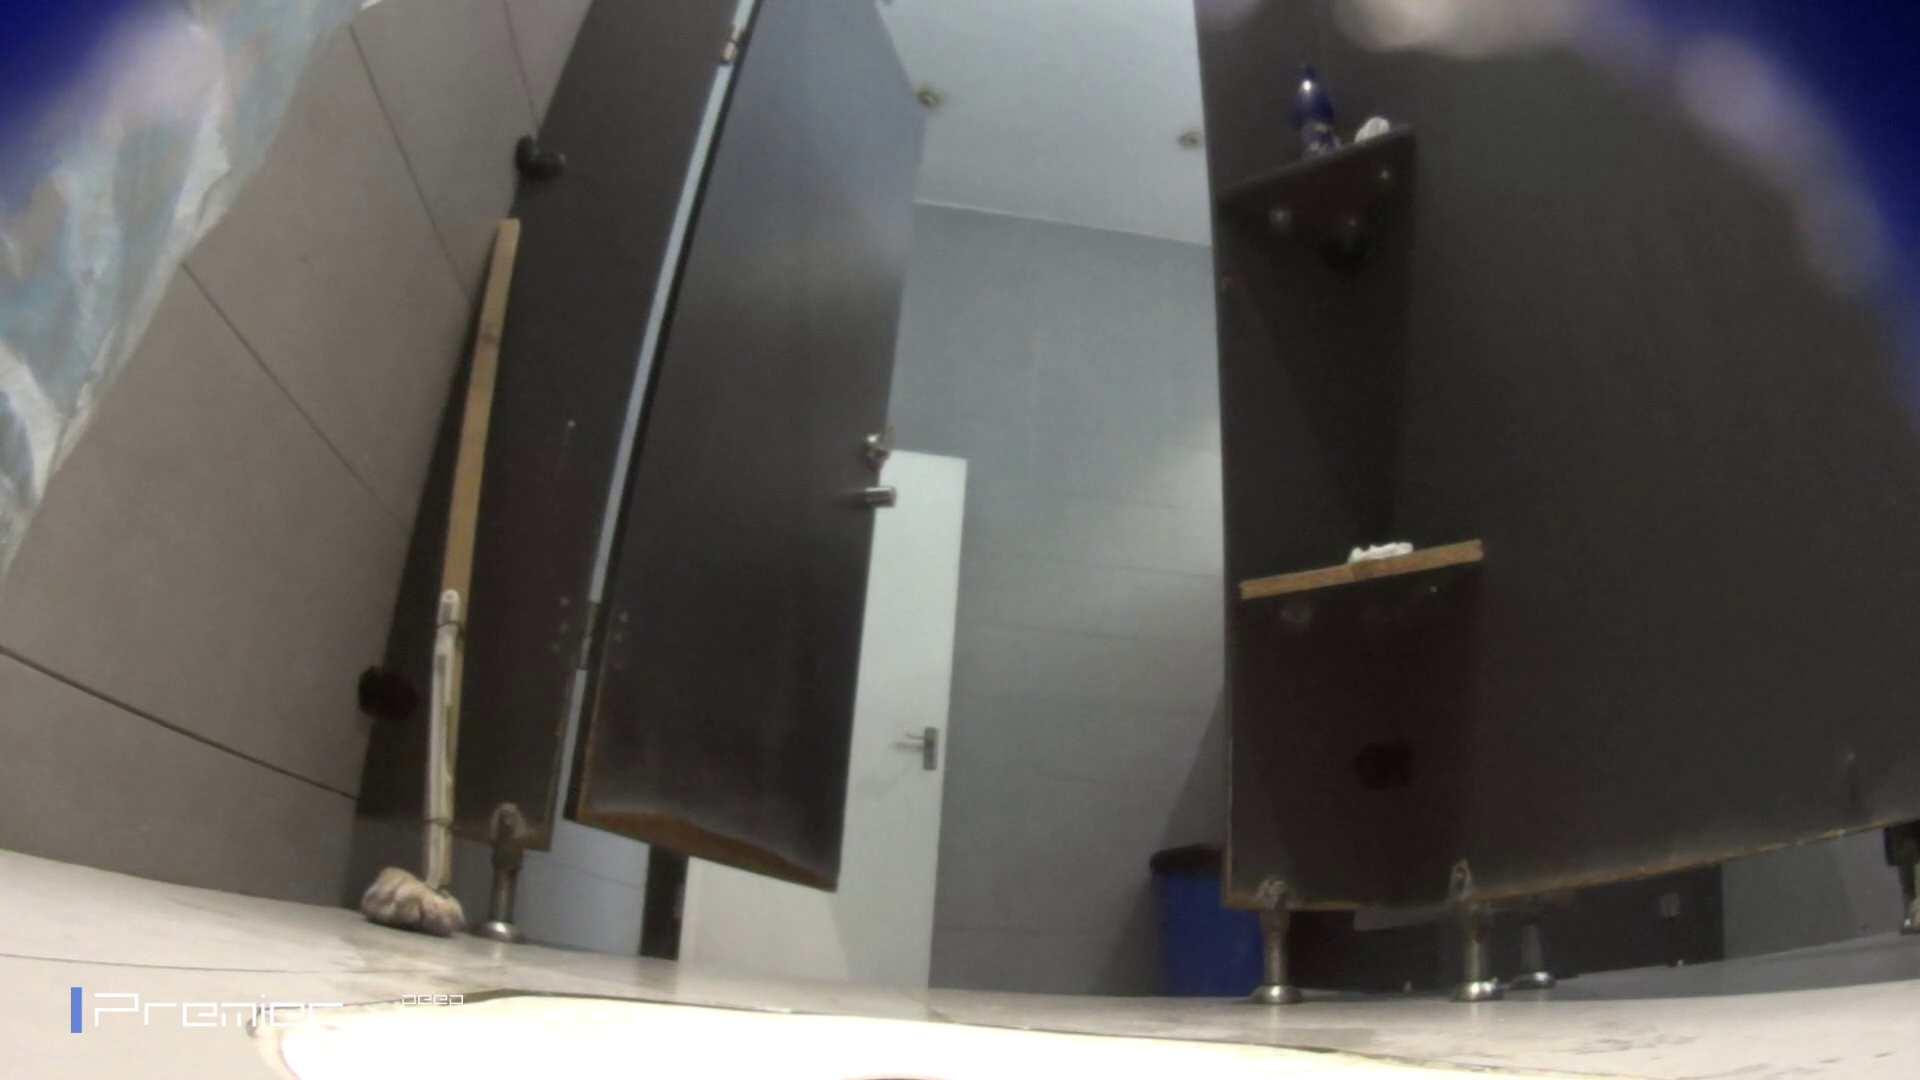 フロントから丸見え! 大学休憩時間の洗面所事情60 洗面所  58pic 36